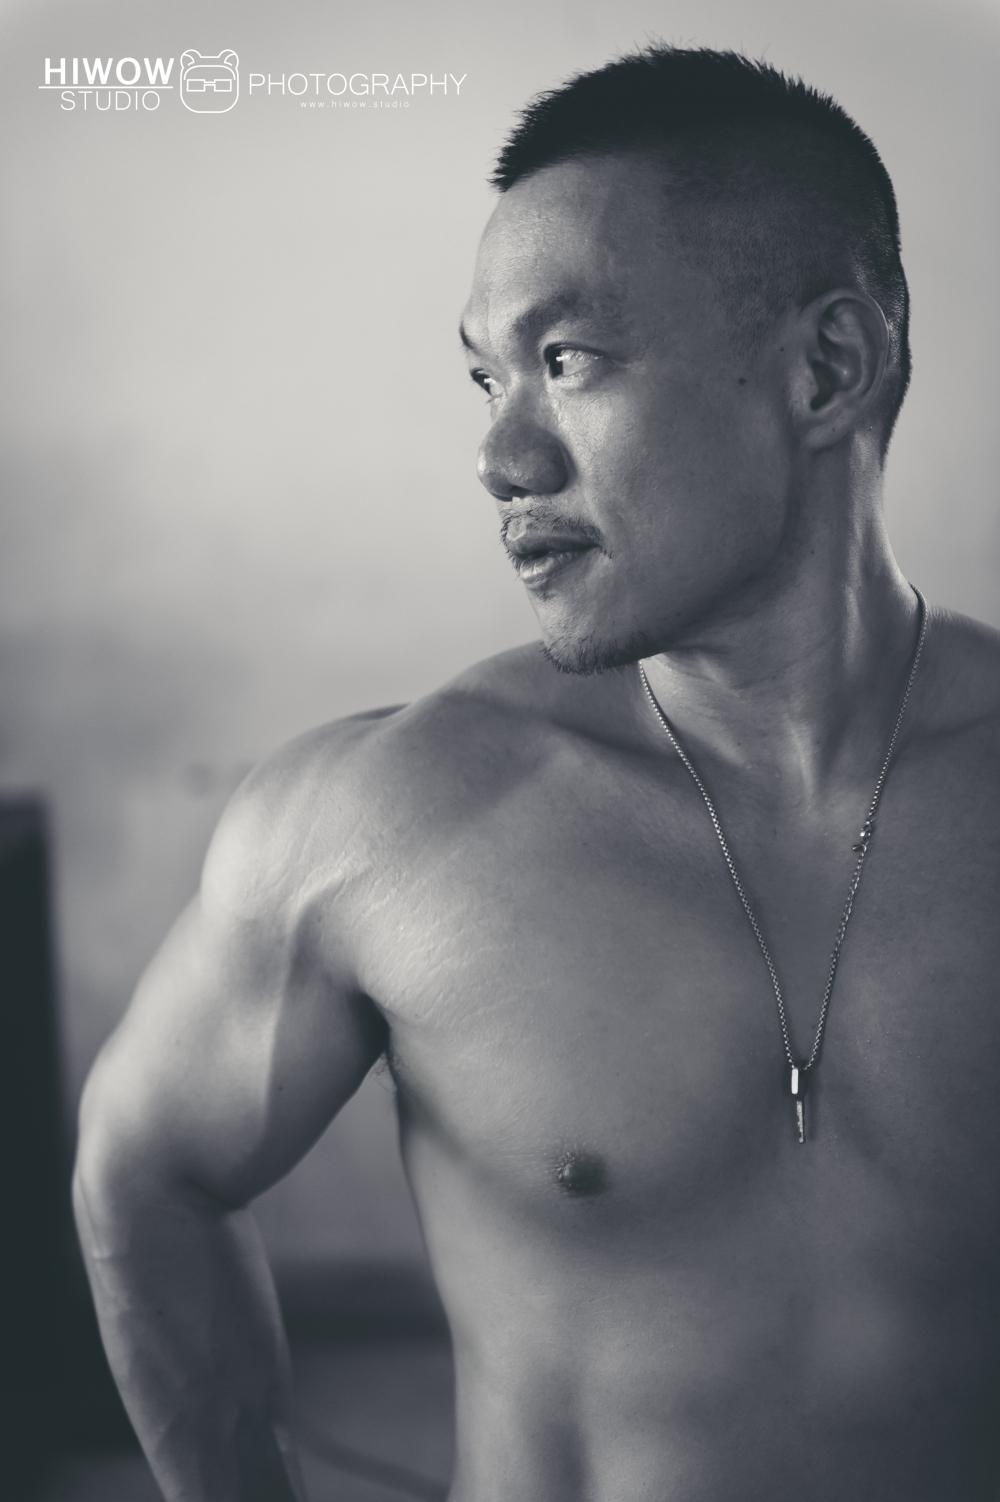 hiwow/海蛙/海蛙攝/寫真/個人寫真/健身/男人/男體寫真